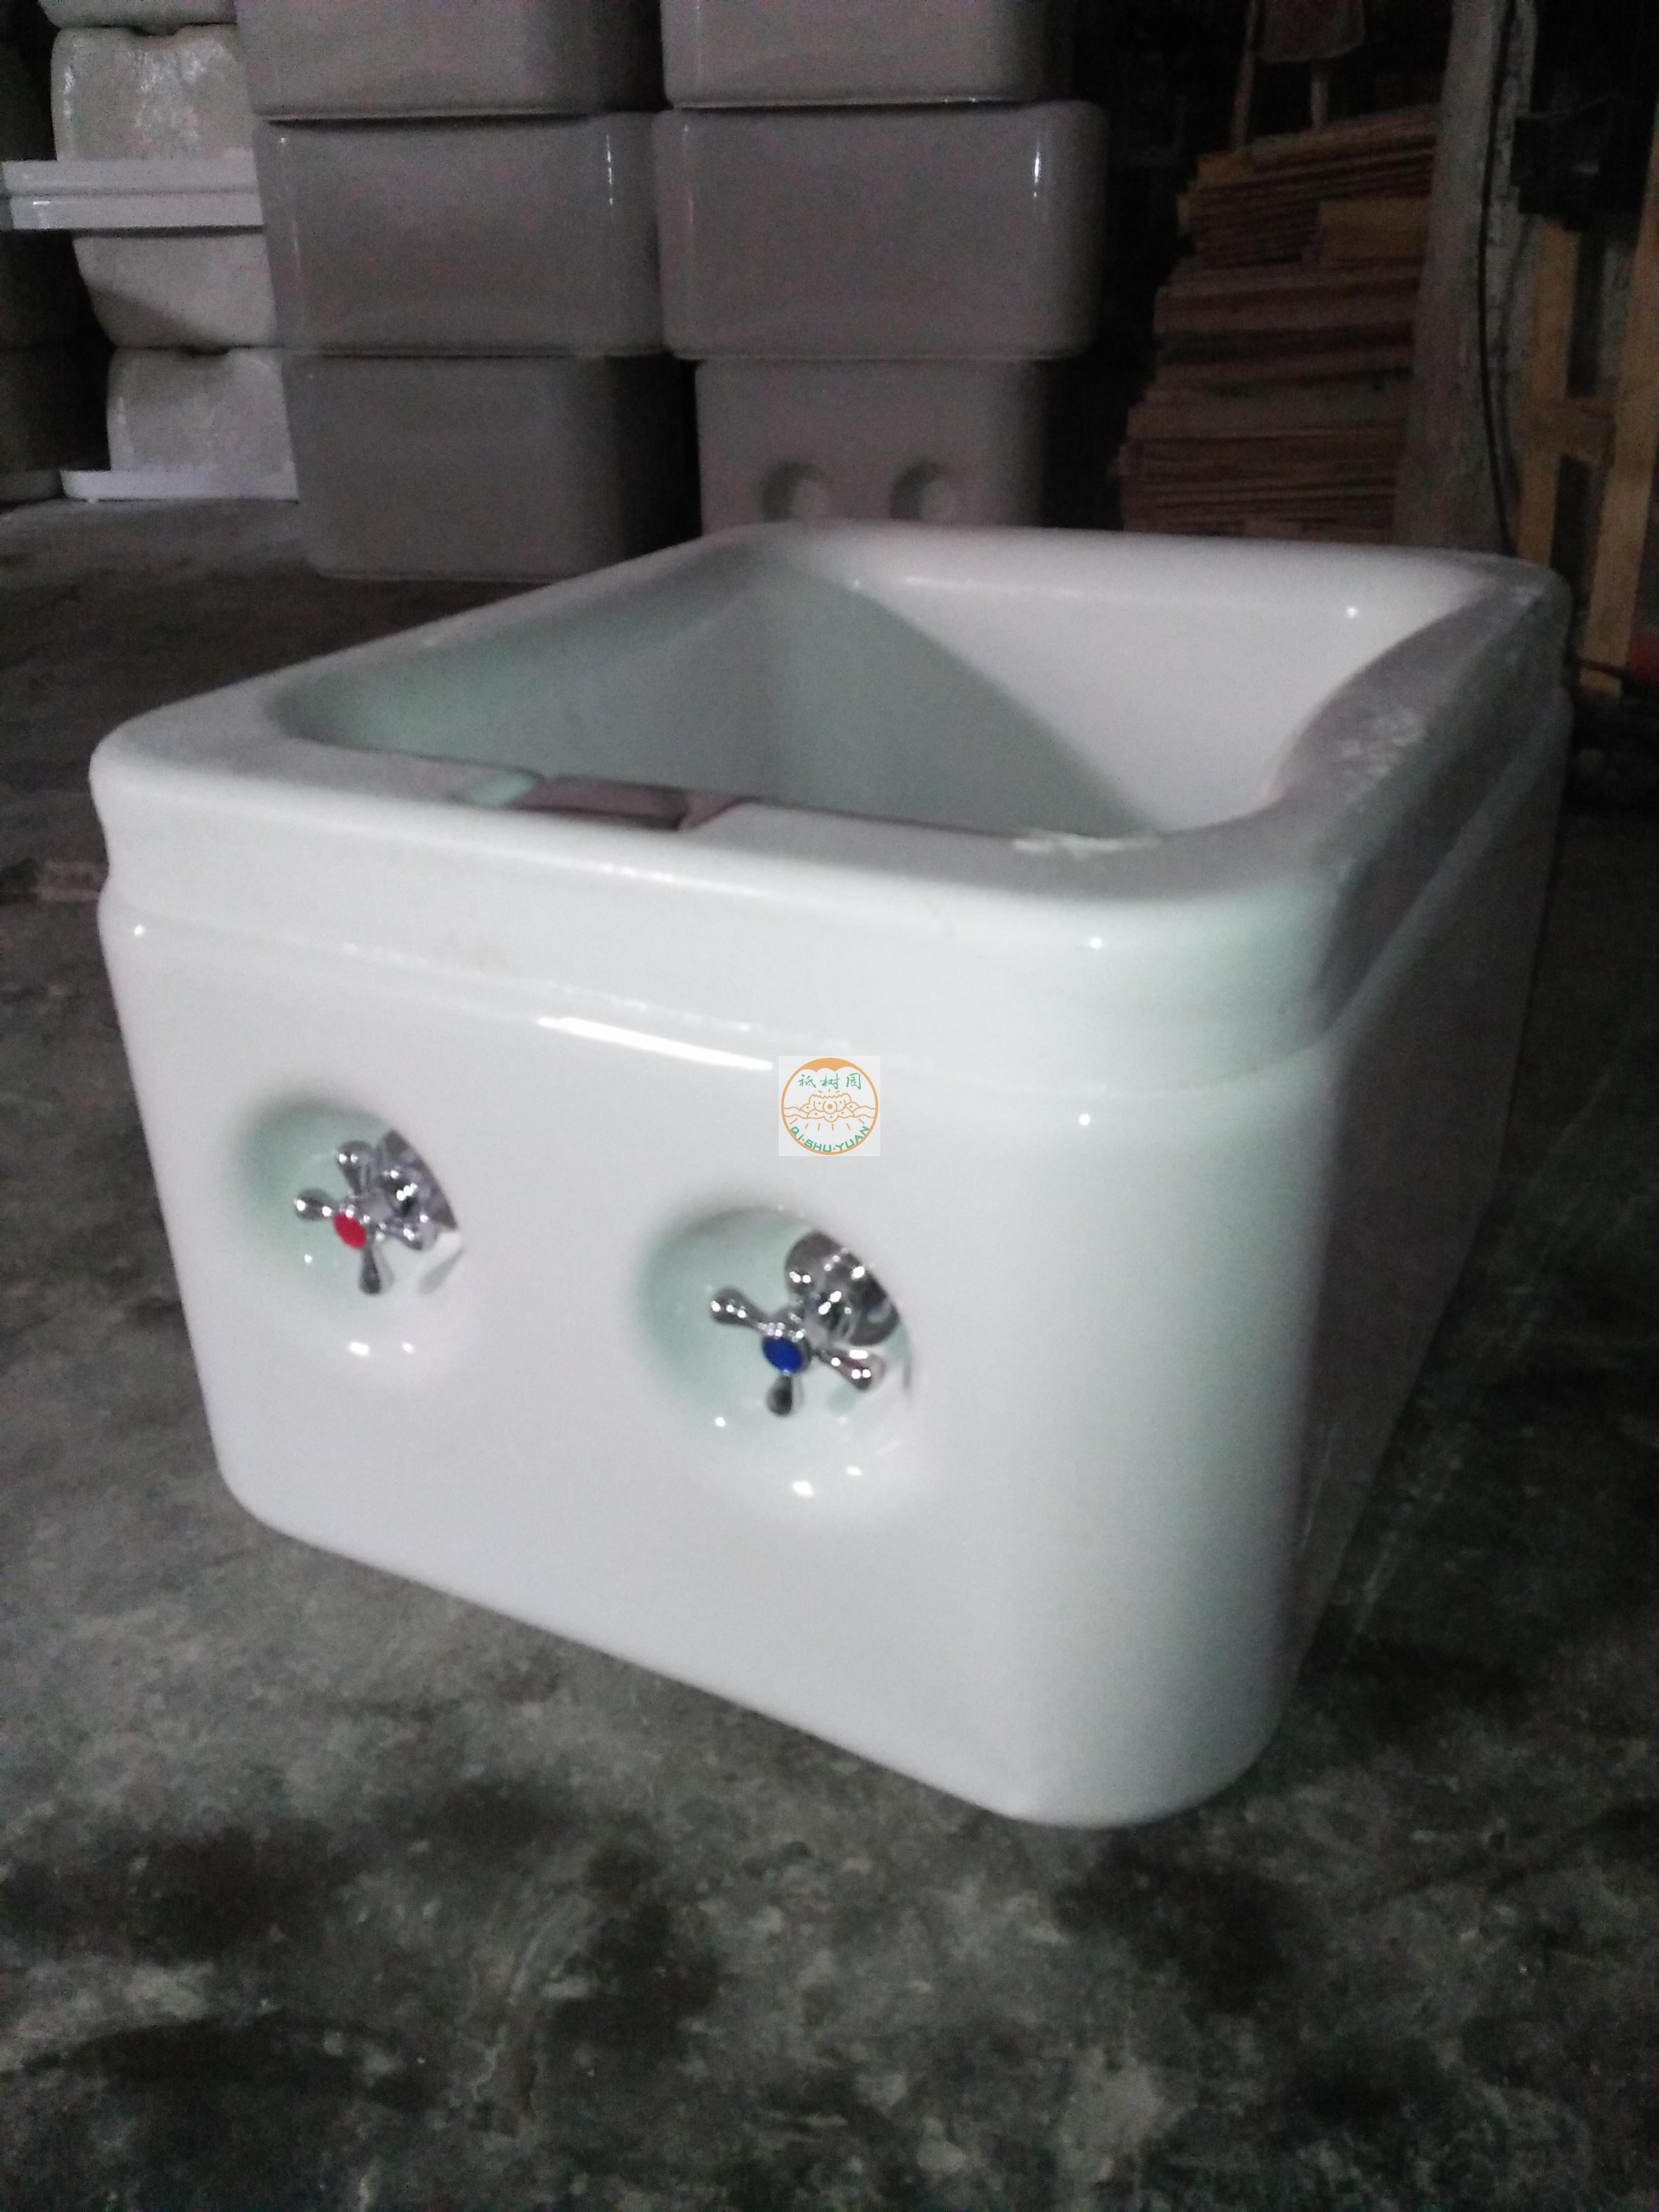 Стекло, сталь мыть ступня гвоздь шелковица взять фут бассейн пузырь ступня бассейн акрил мыть ступня бассейн отели мебель купание достаточно монтаж